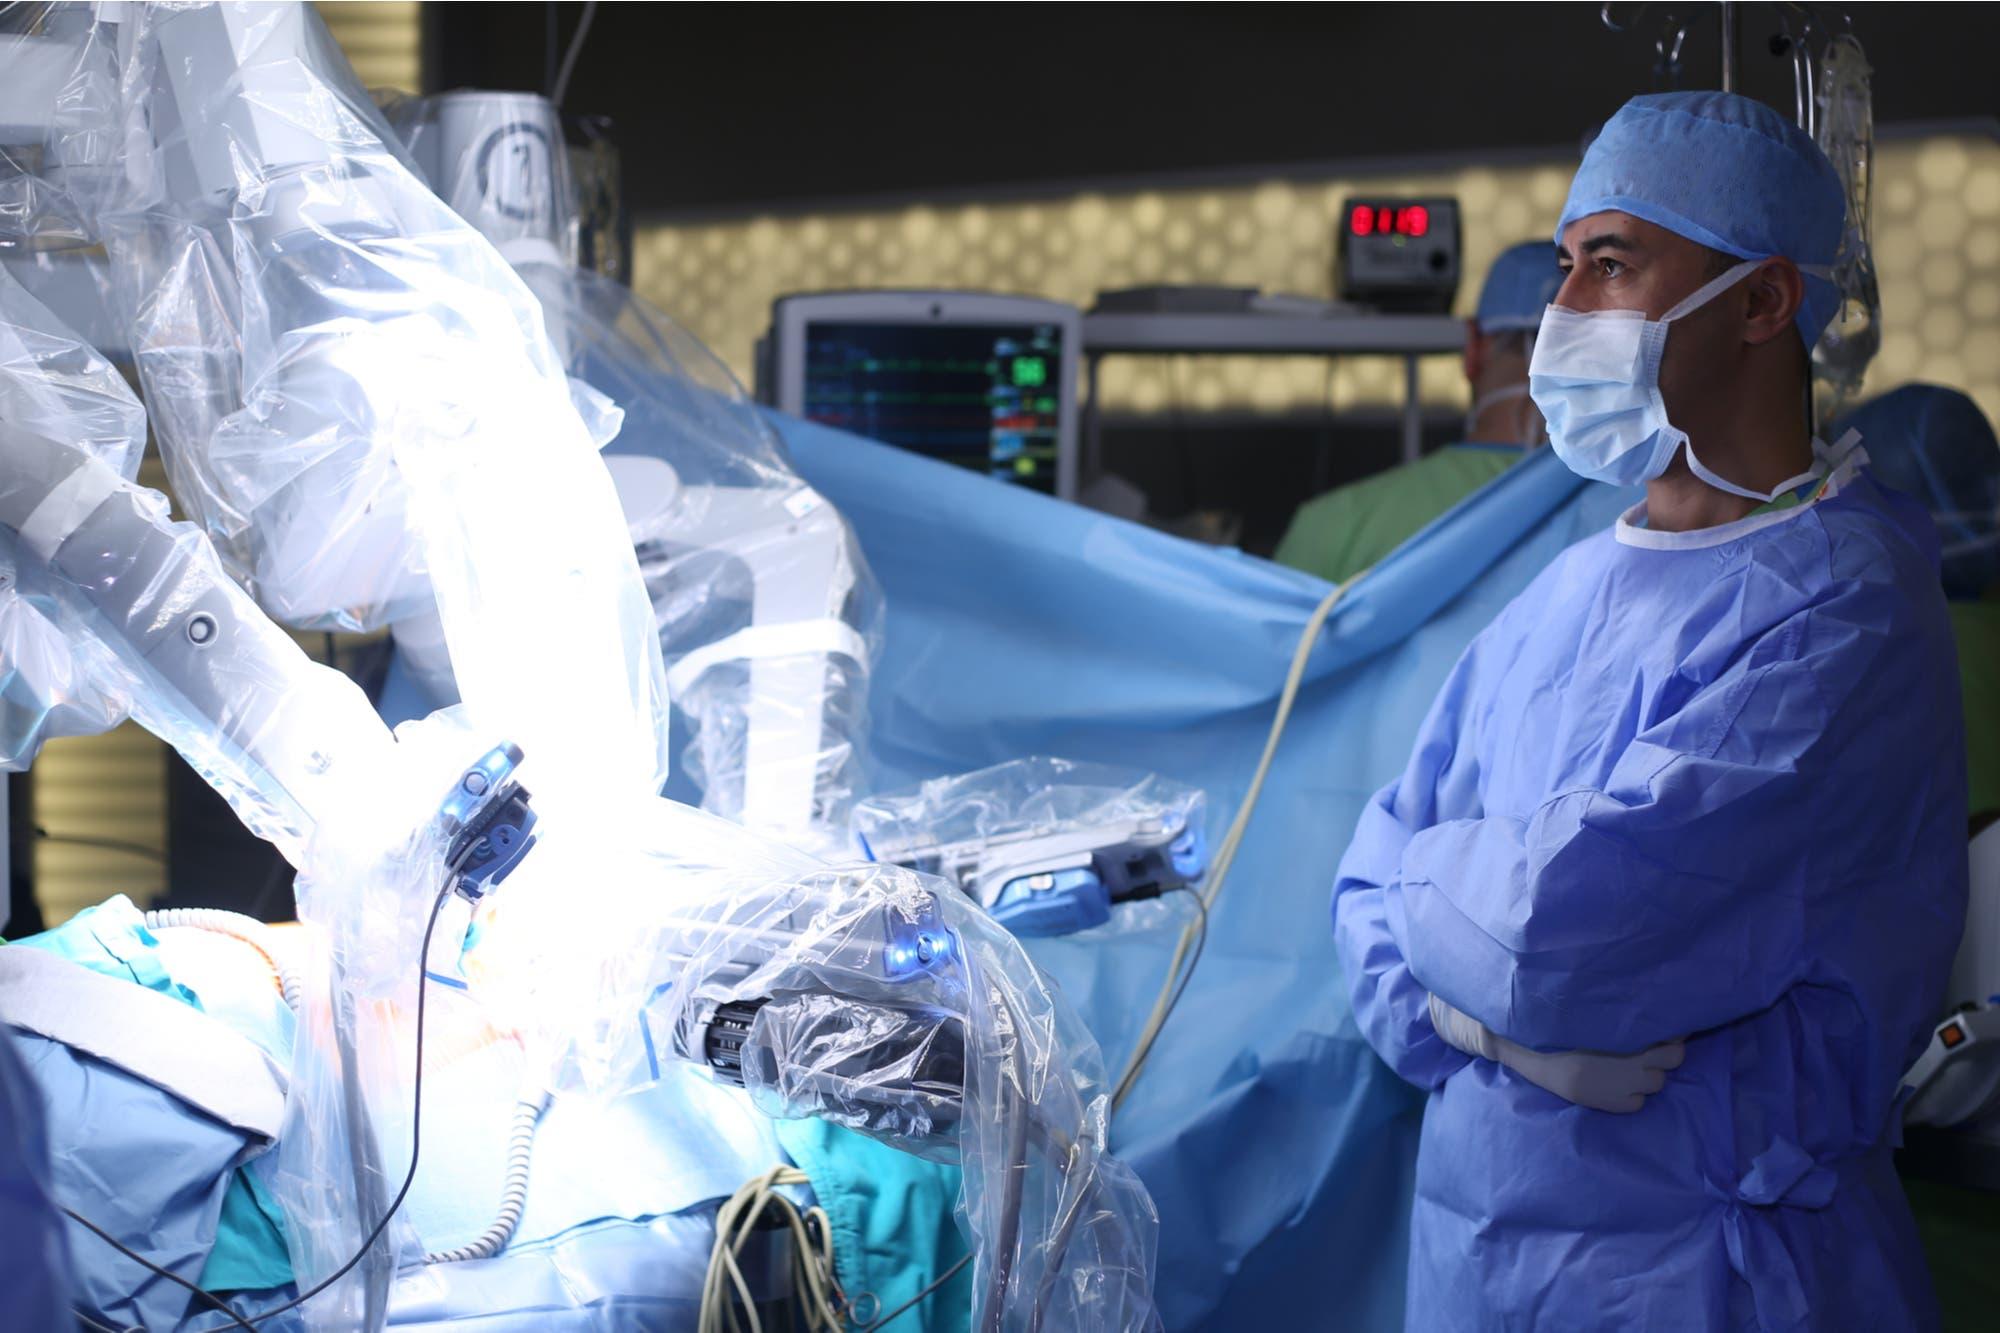 Cómo la robótica está cambiando la relación entre el cirujano y el paciente